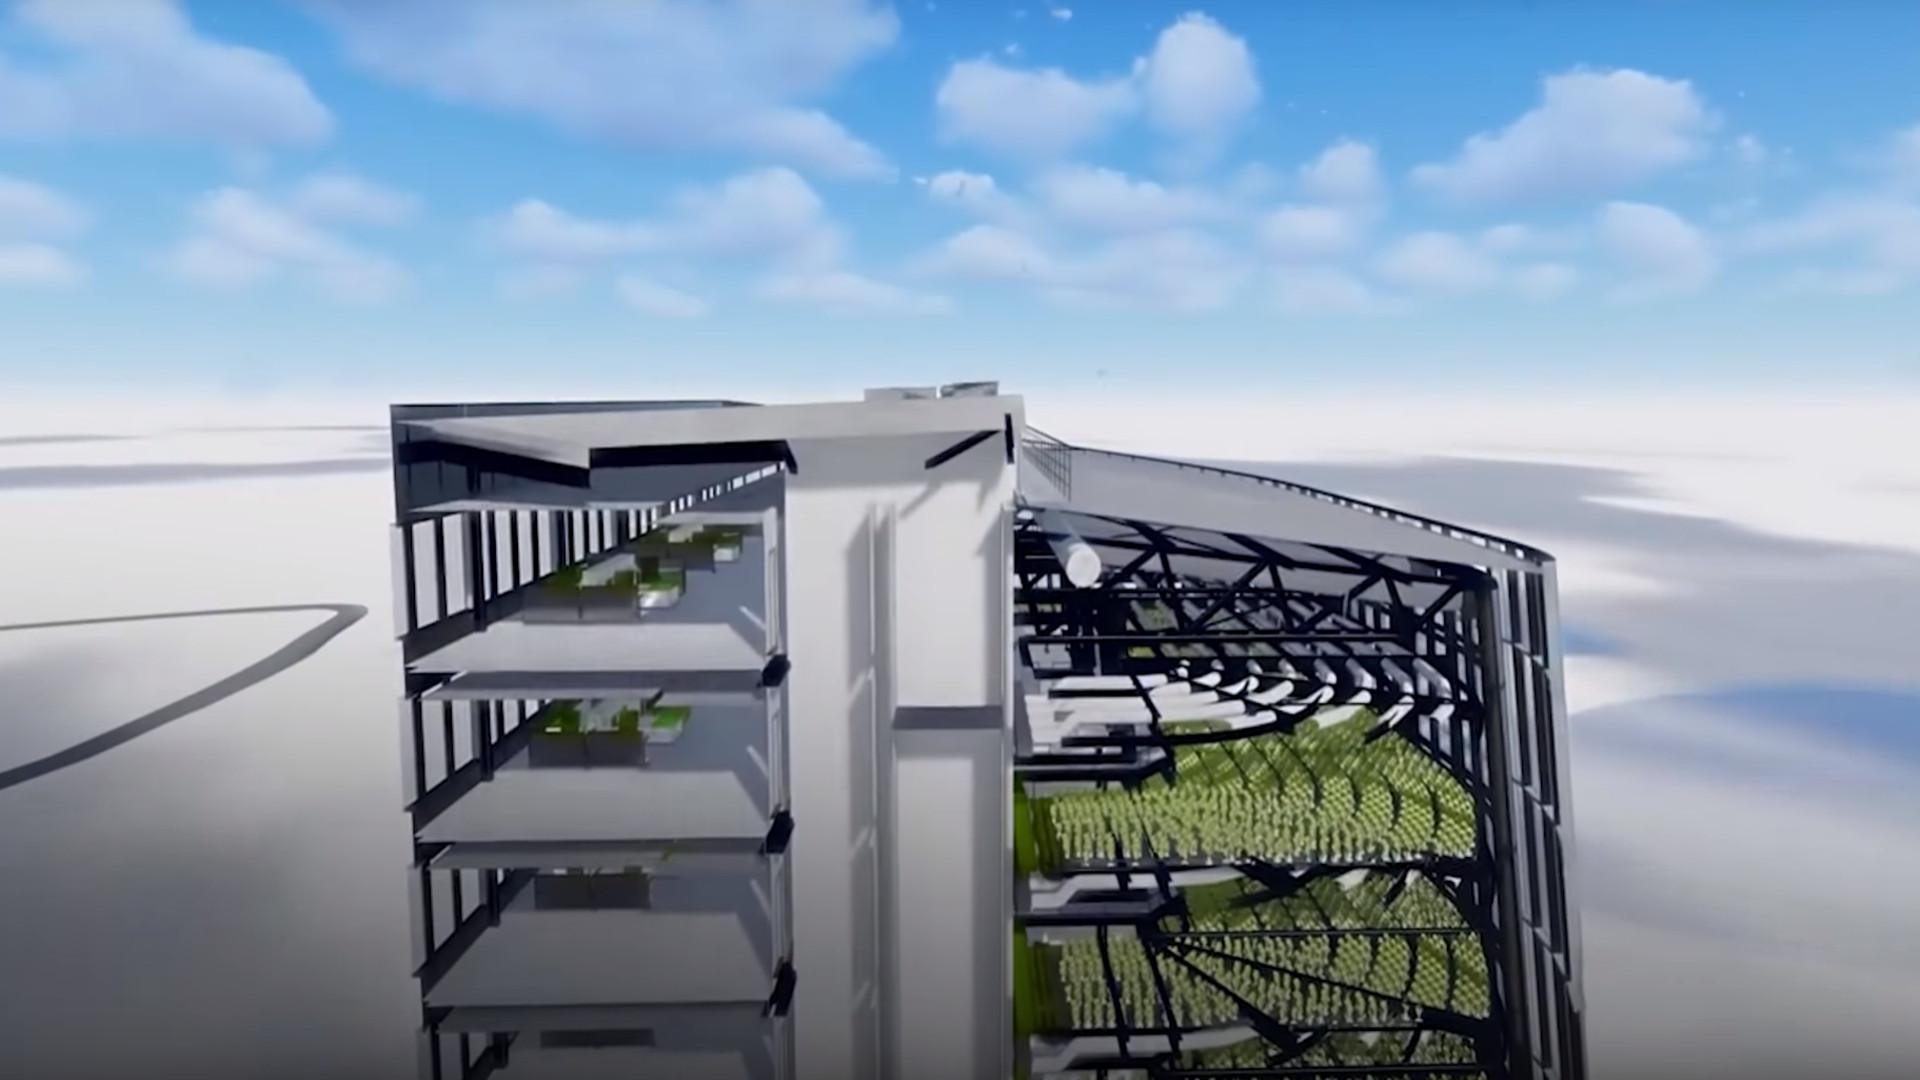 Los edificios tendrán campos de cultivo para alimentar a las ciudades1920